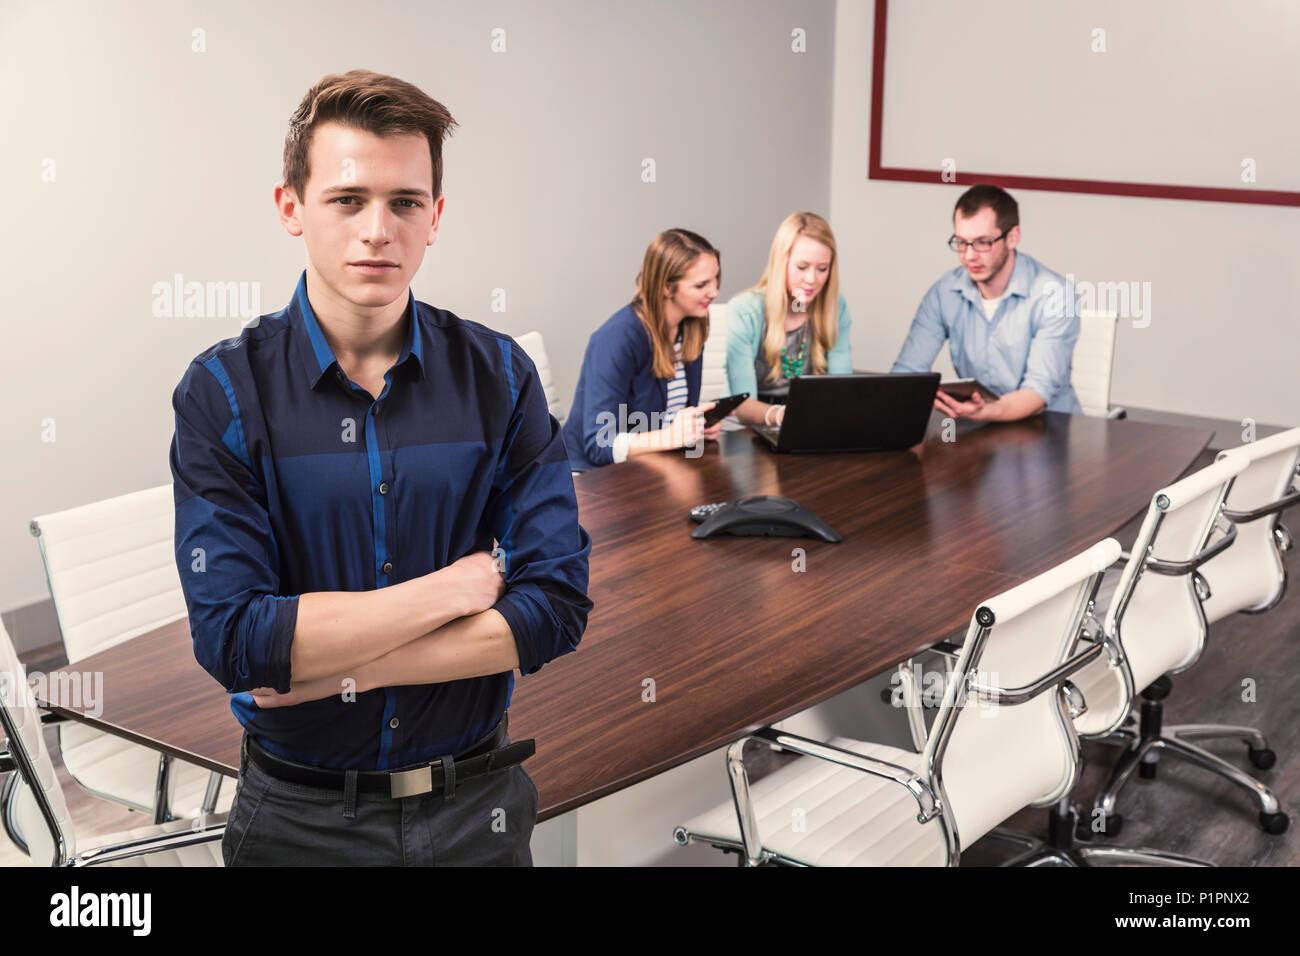 Les jeunes entreprises millénaire professionnels qui travaillent ensemble dans une salle de conférence dans un hôtel d'affaires moderne de haute technologie, à Sherwood Park, Alberta, Canada Photo Stock